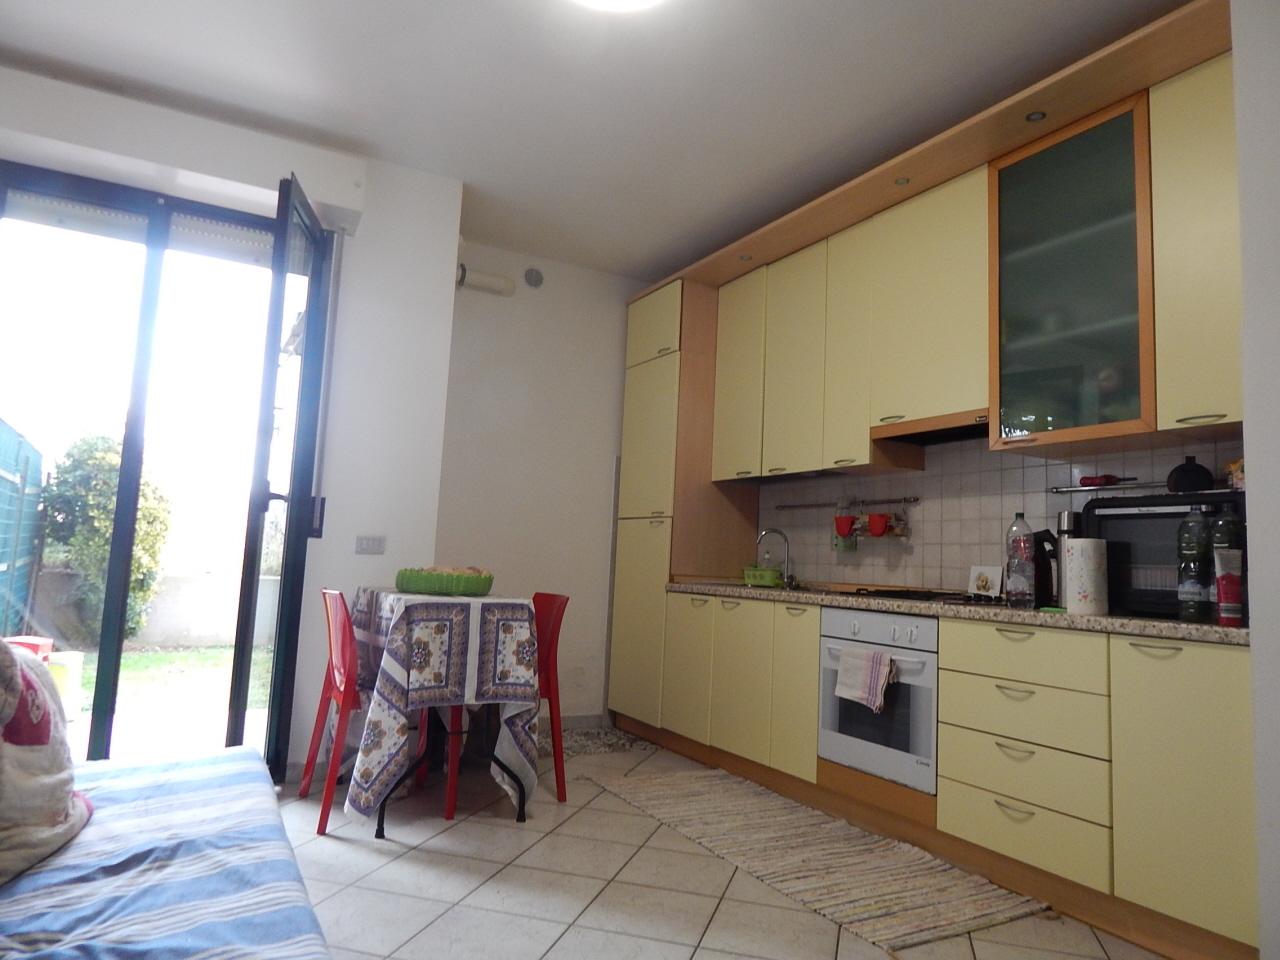 Appartamento in vendita a Pesaro, 2 locali, prezzo € 130.000 | CambioCasa.it